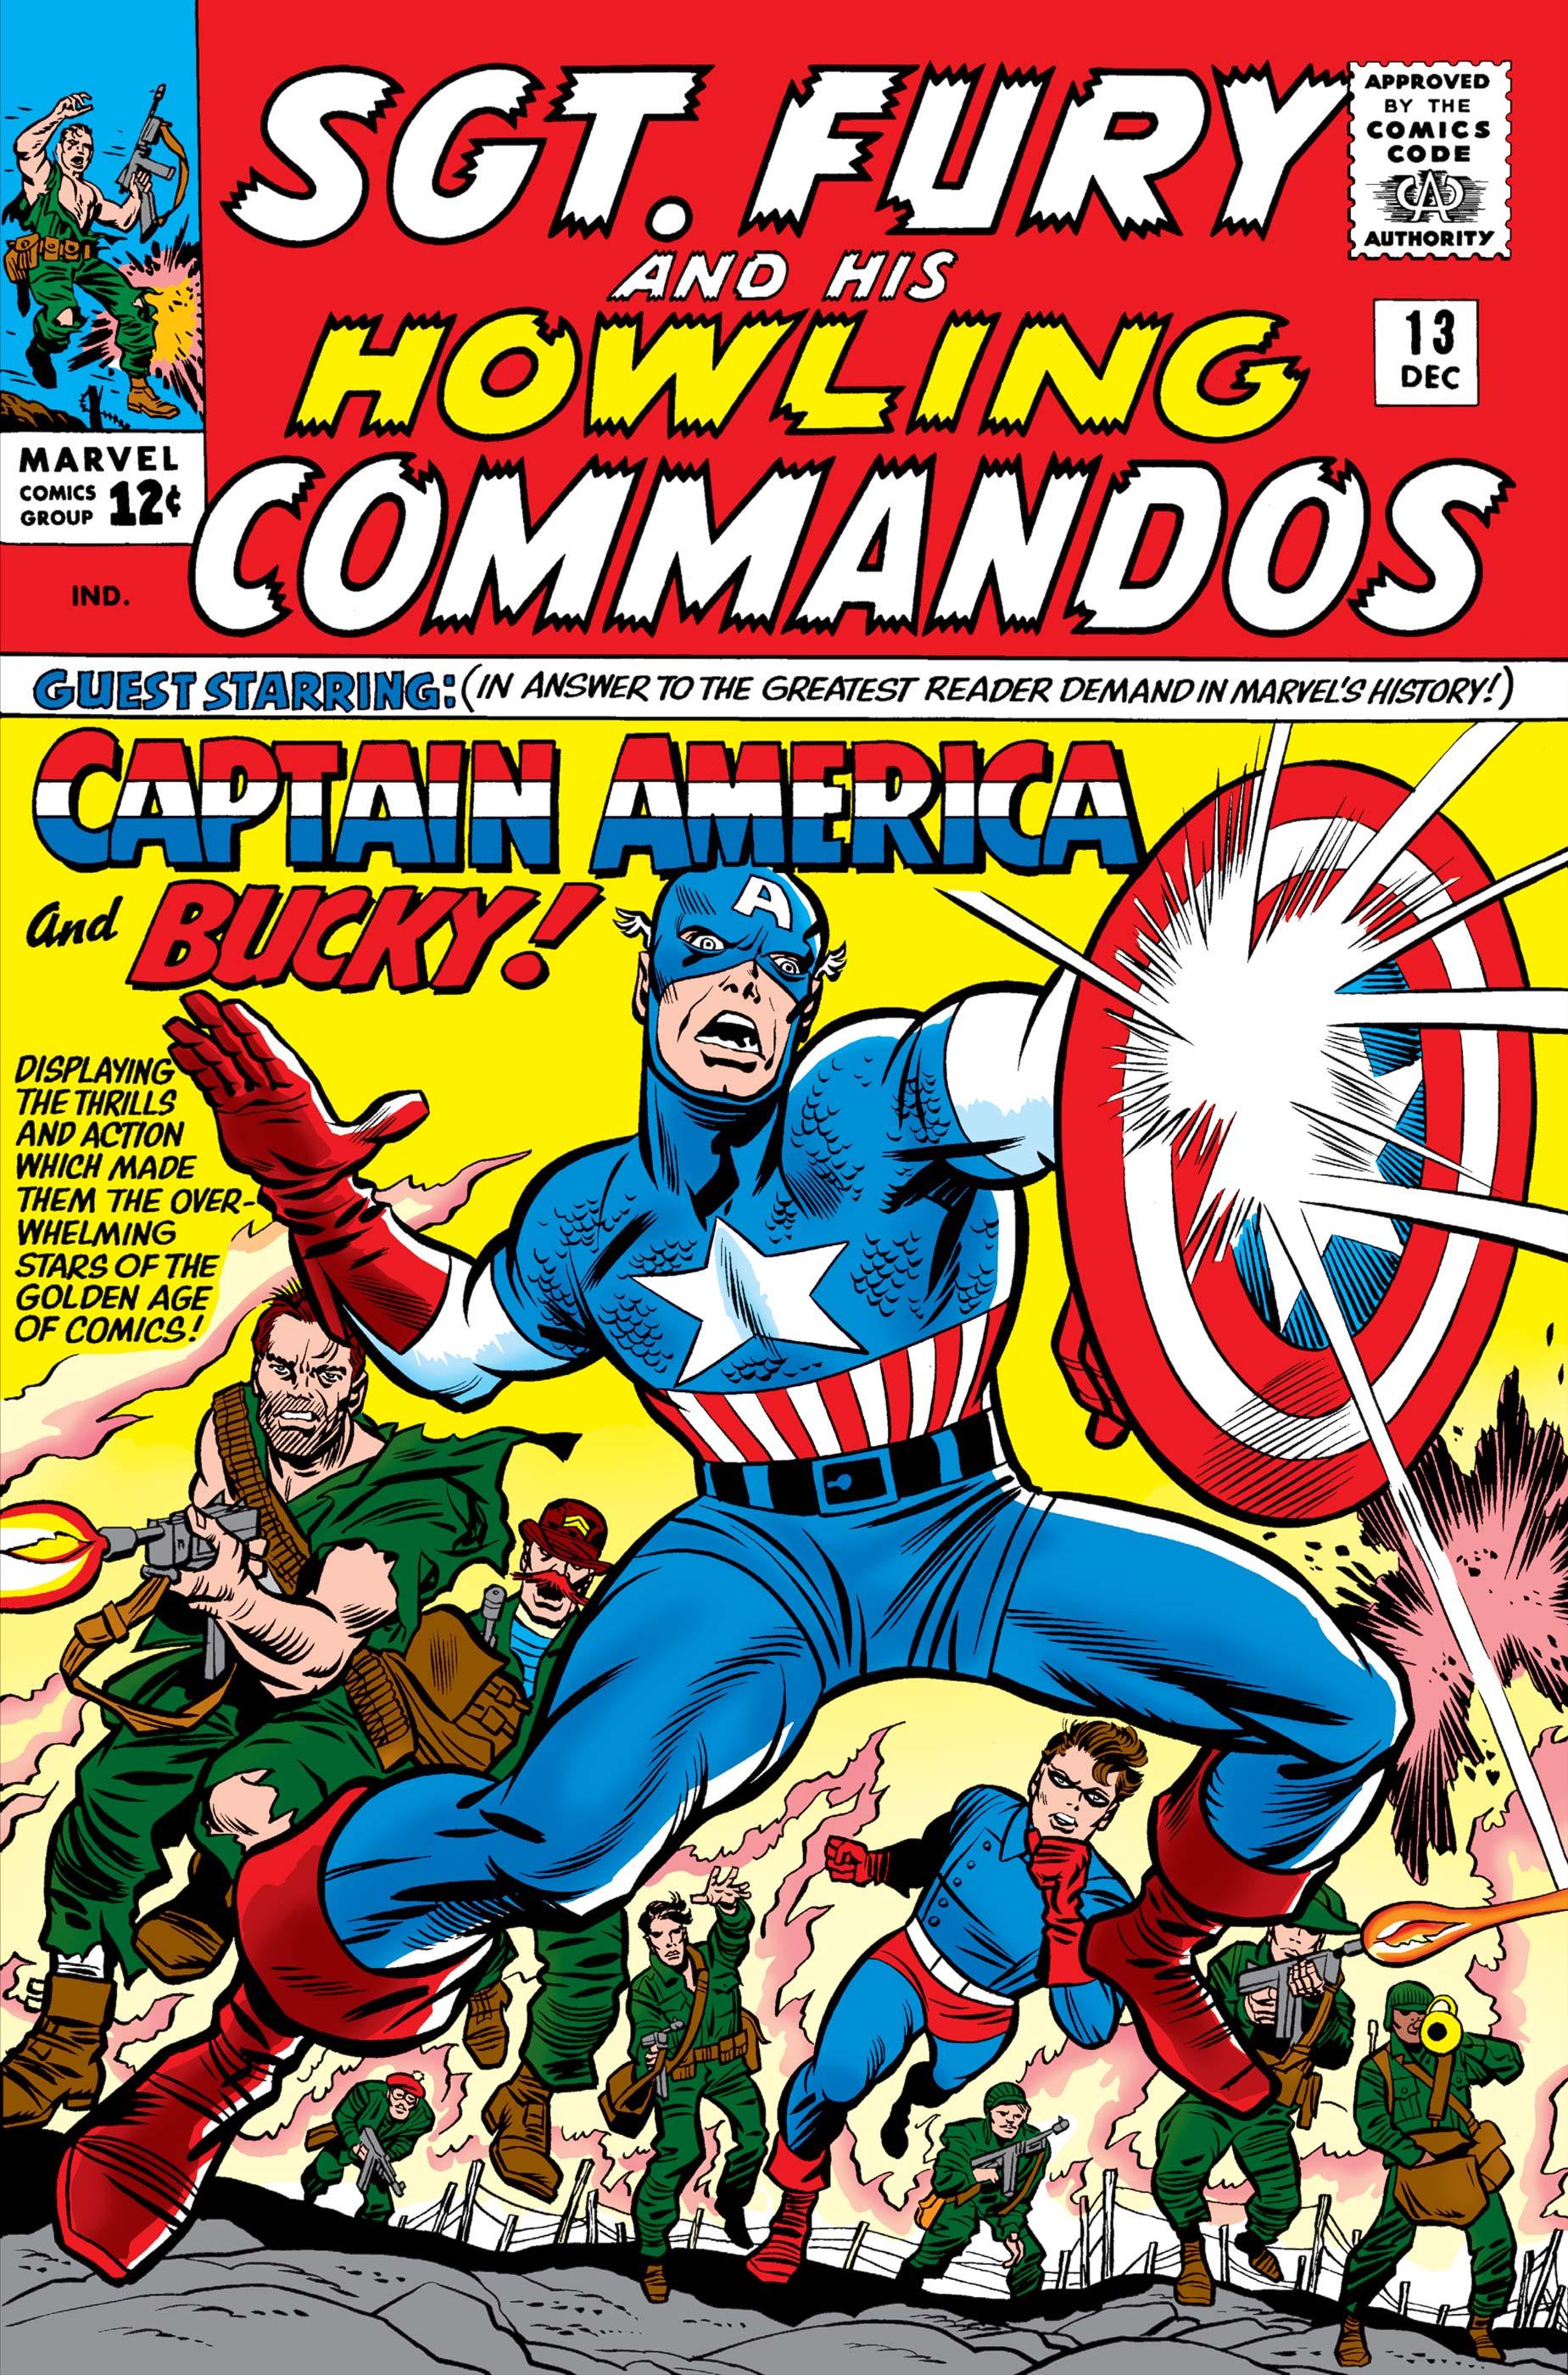 Sgt. Fury (1963) #13